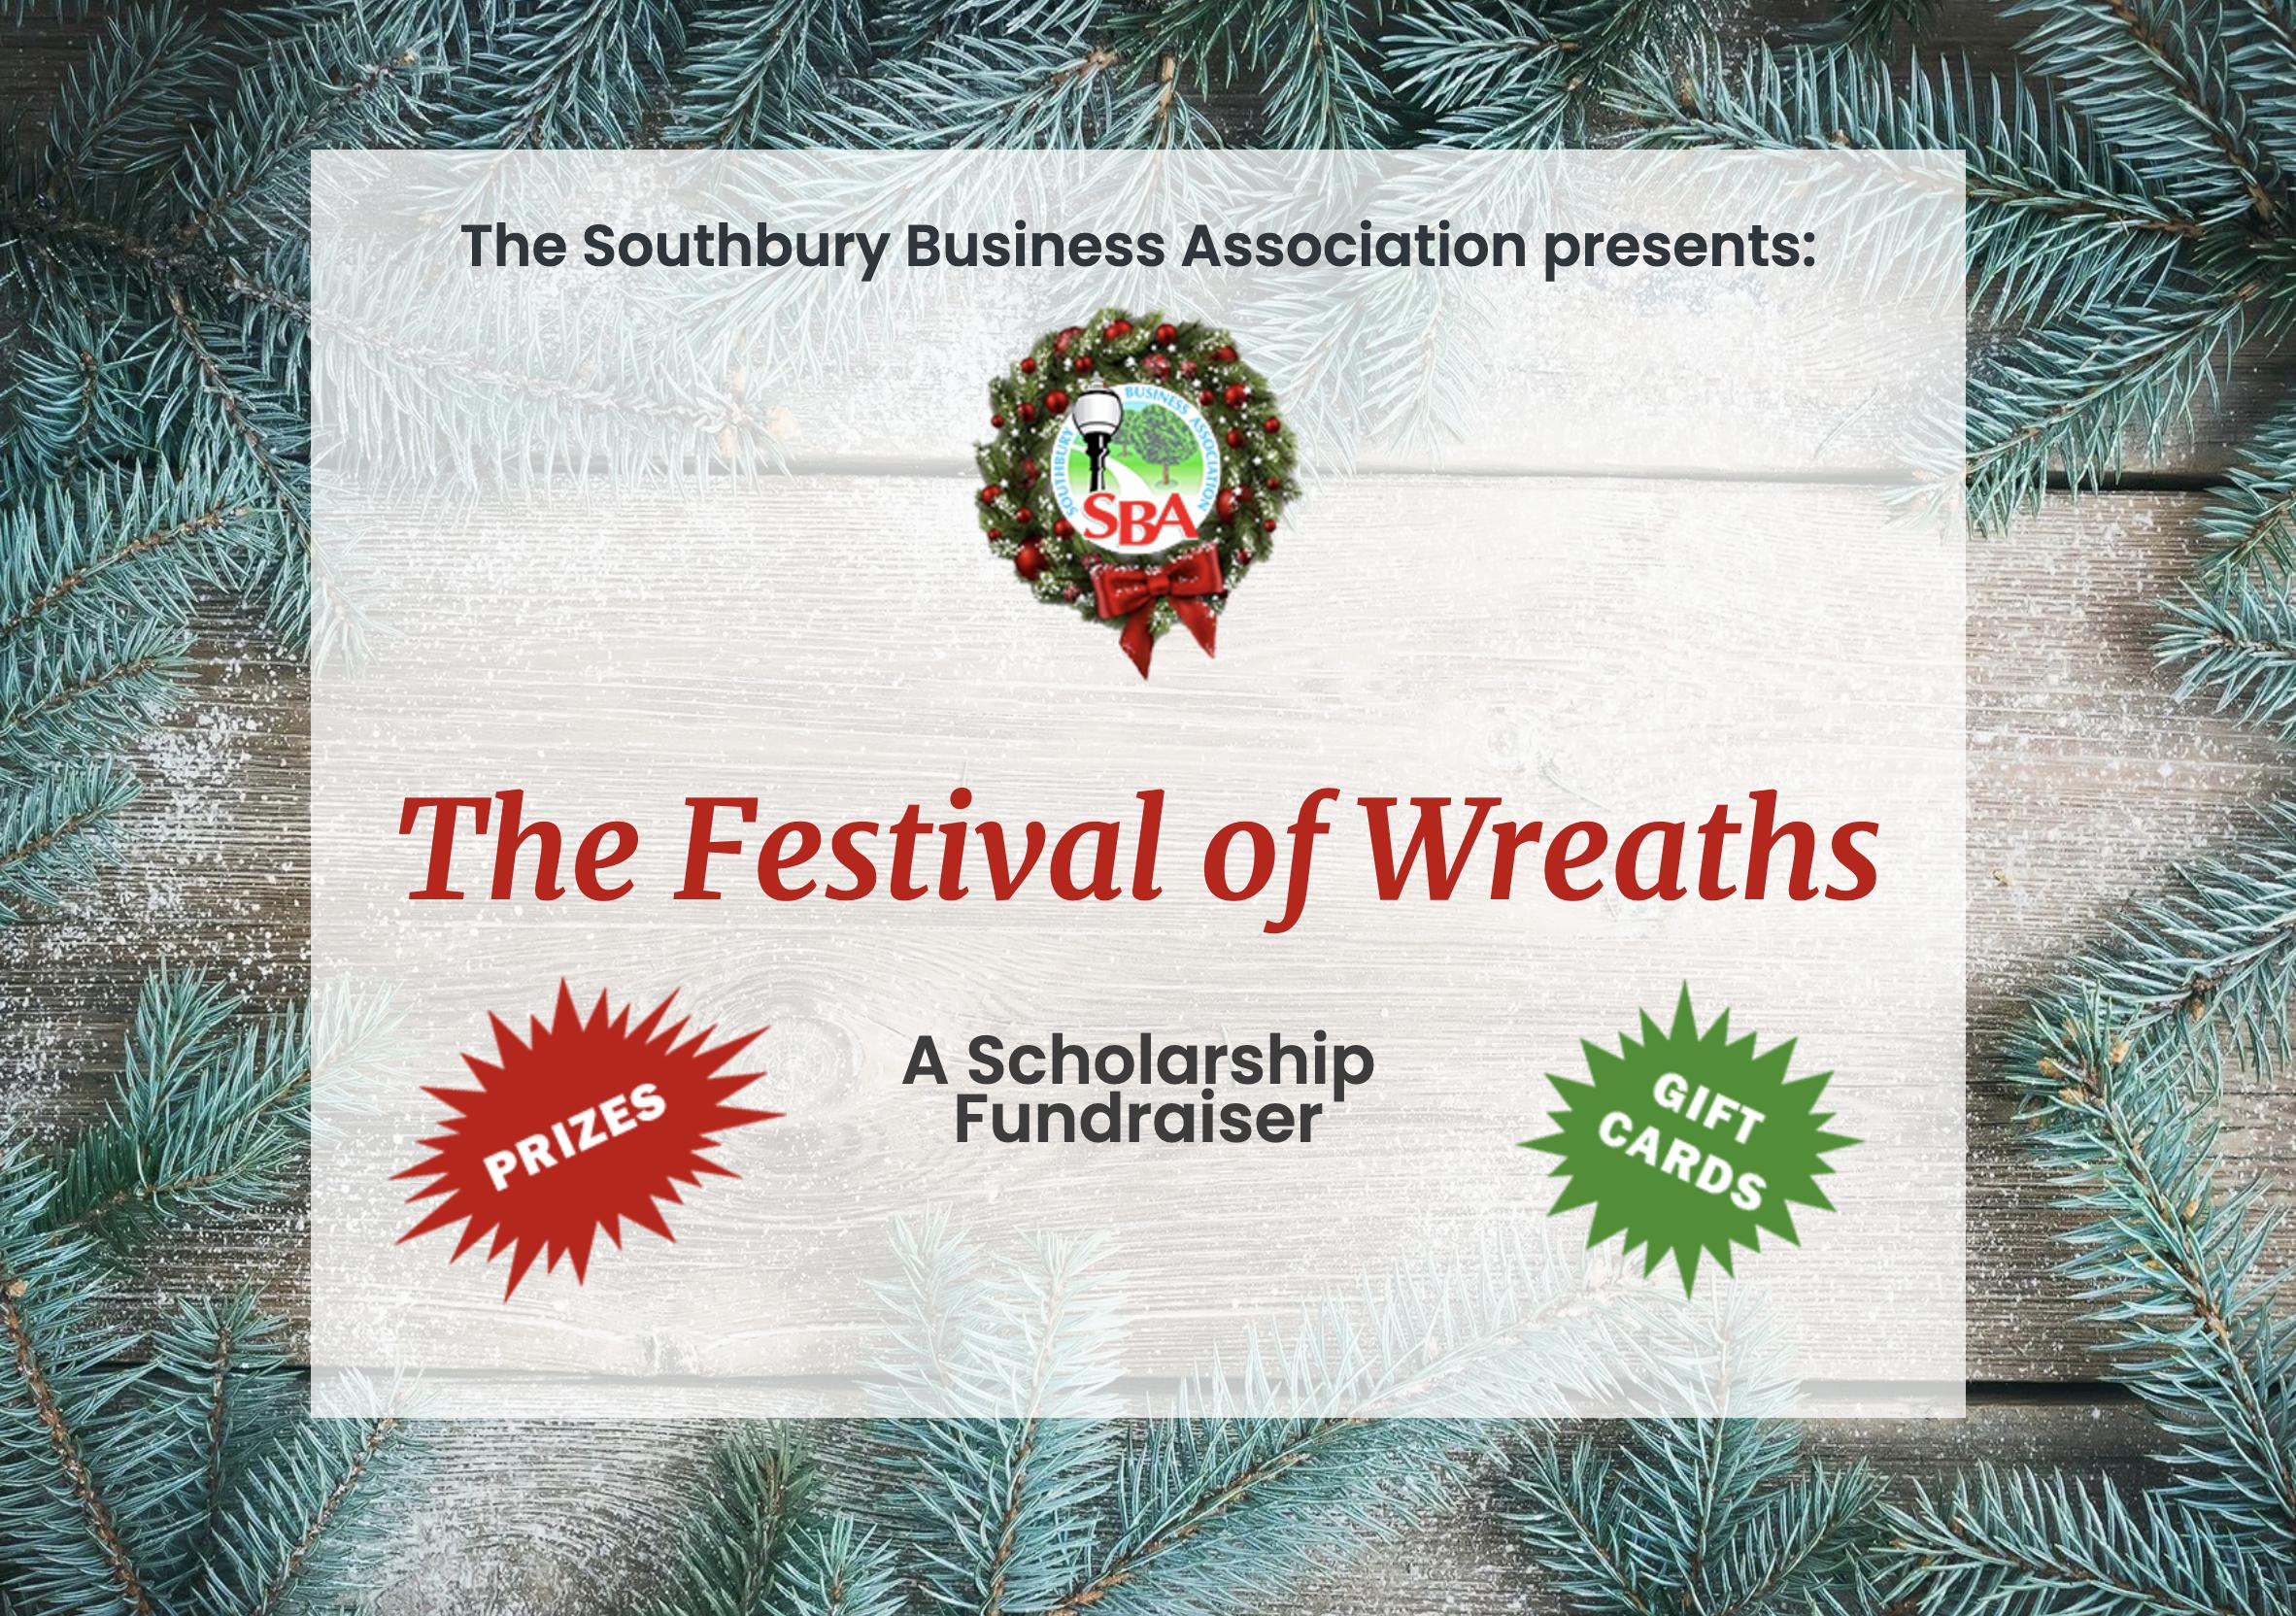 The Festival of Wreaths Fundraiser banner